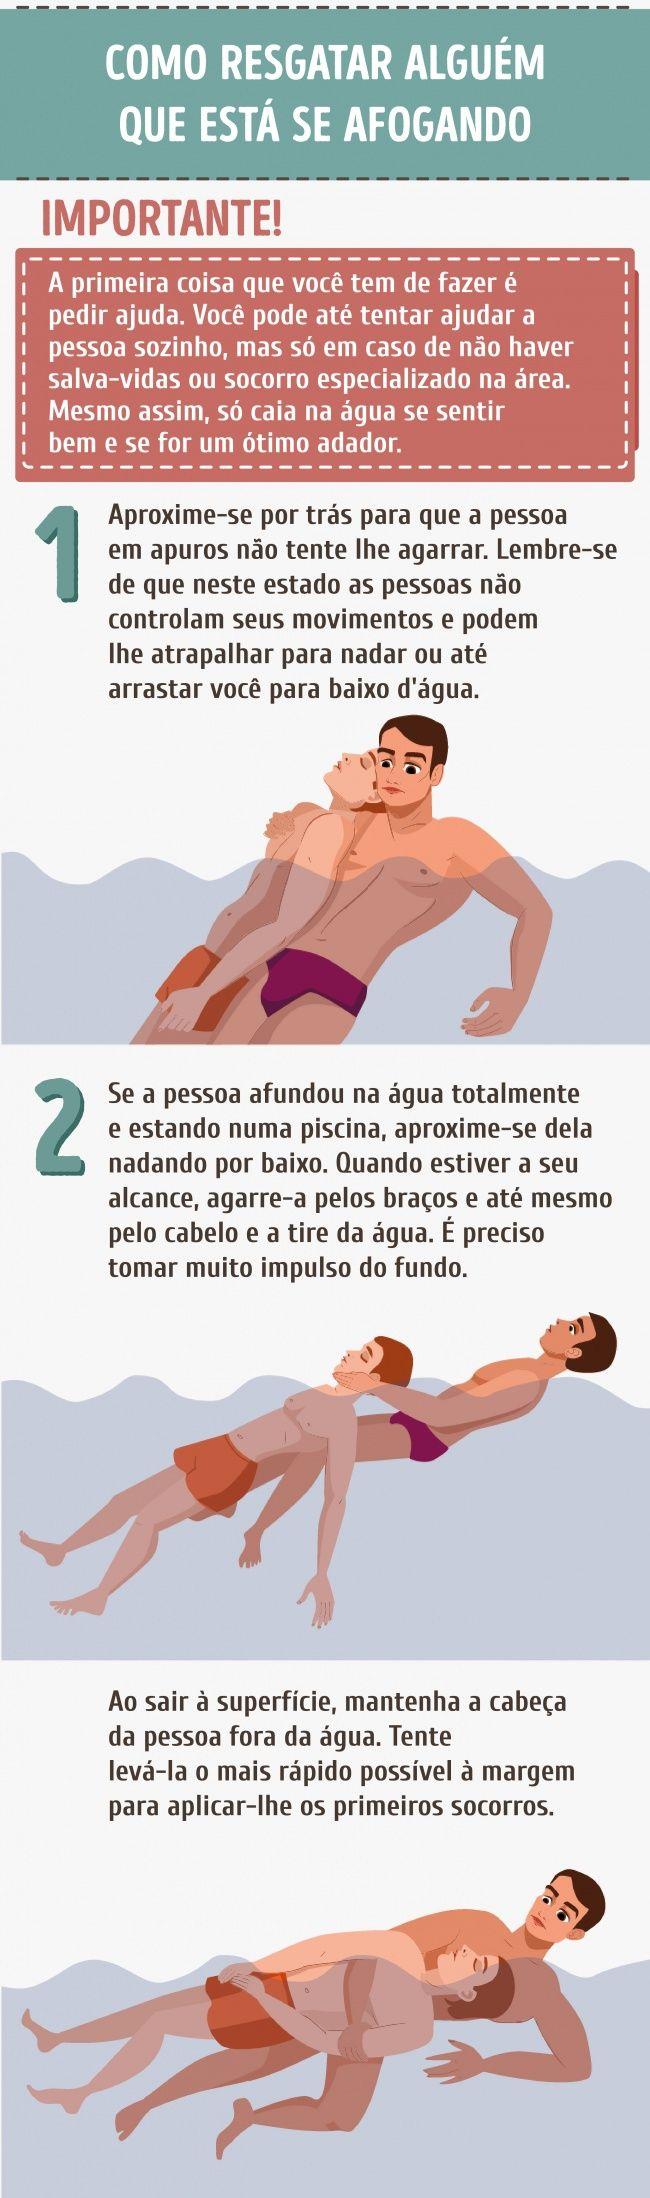 Dicas de primeiros socorros para casos de afogamento